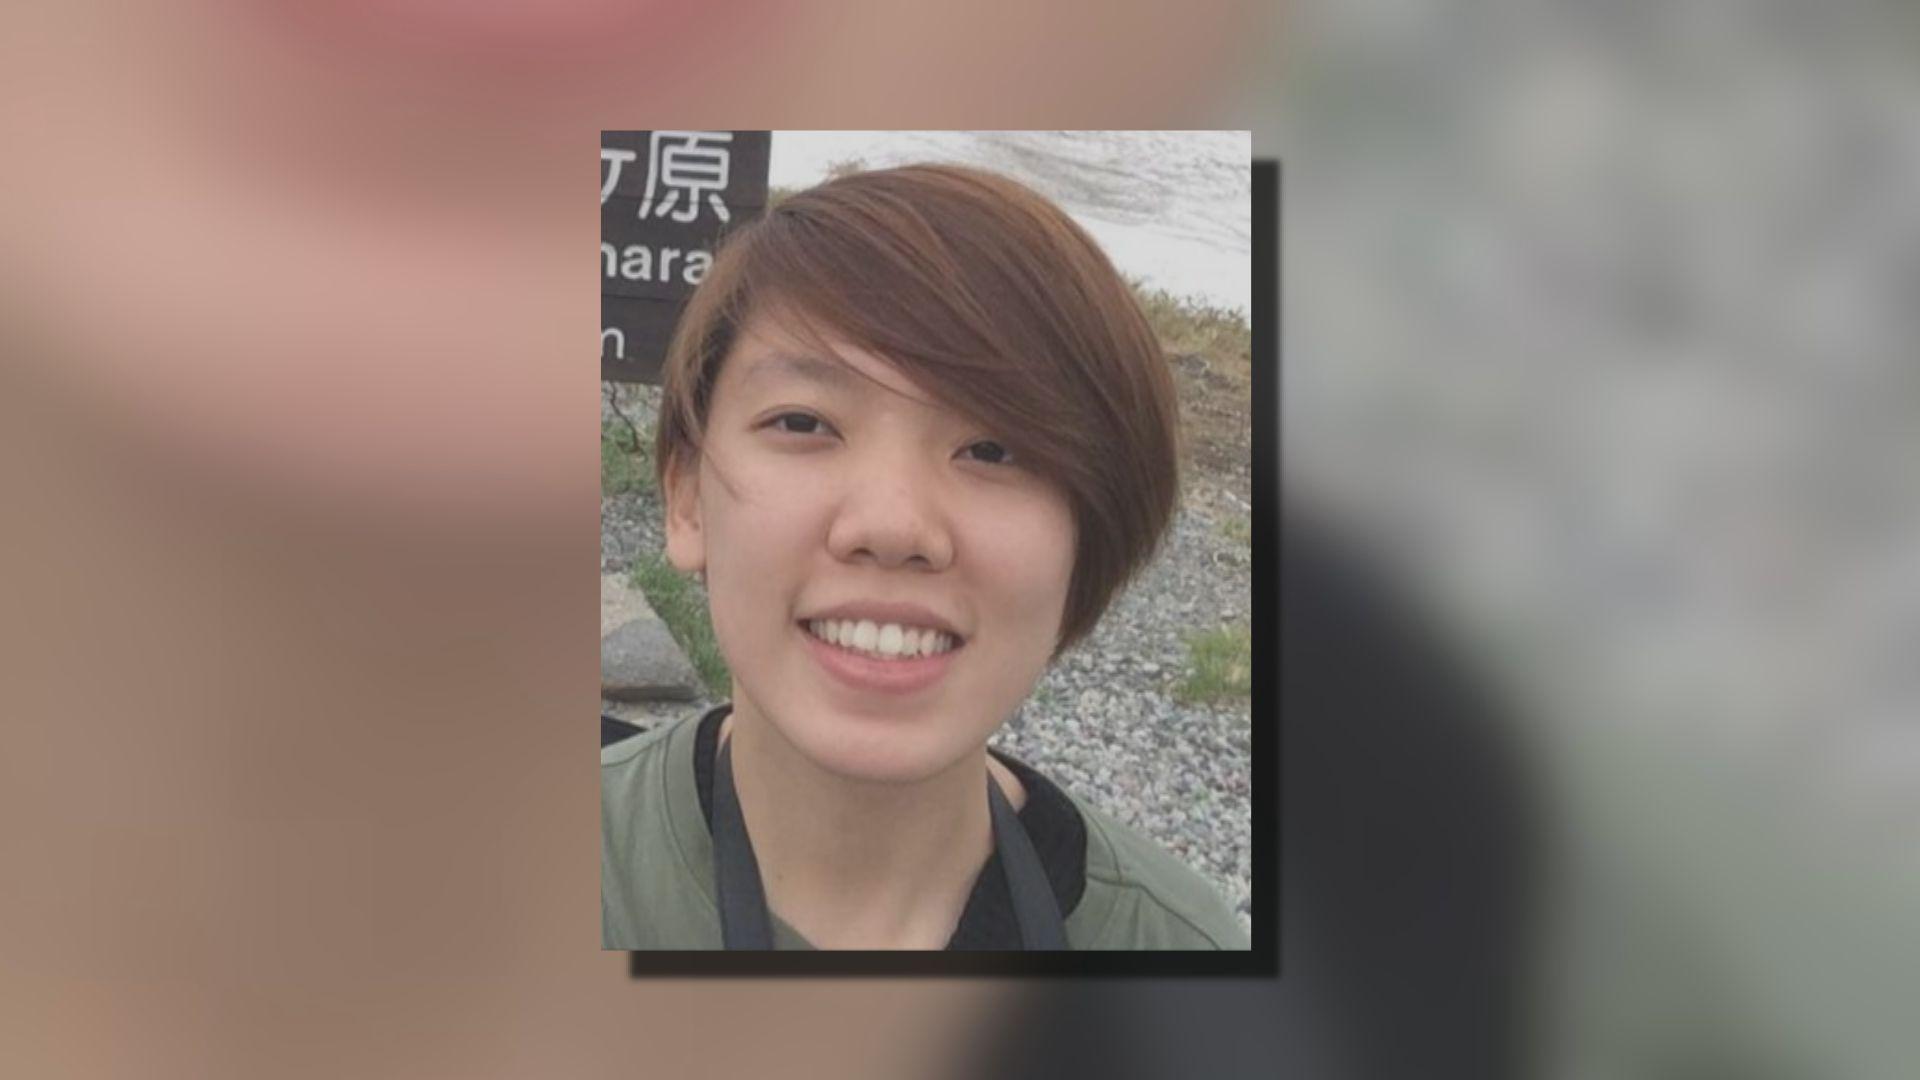 警方消防飛鵝山搜索失蹤二十四歲女子